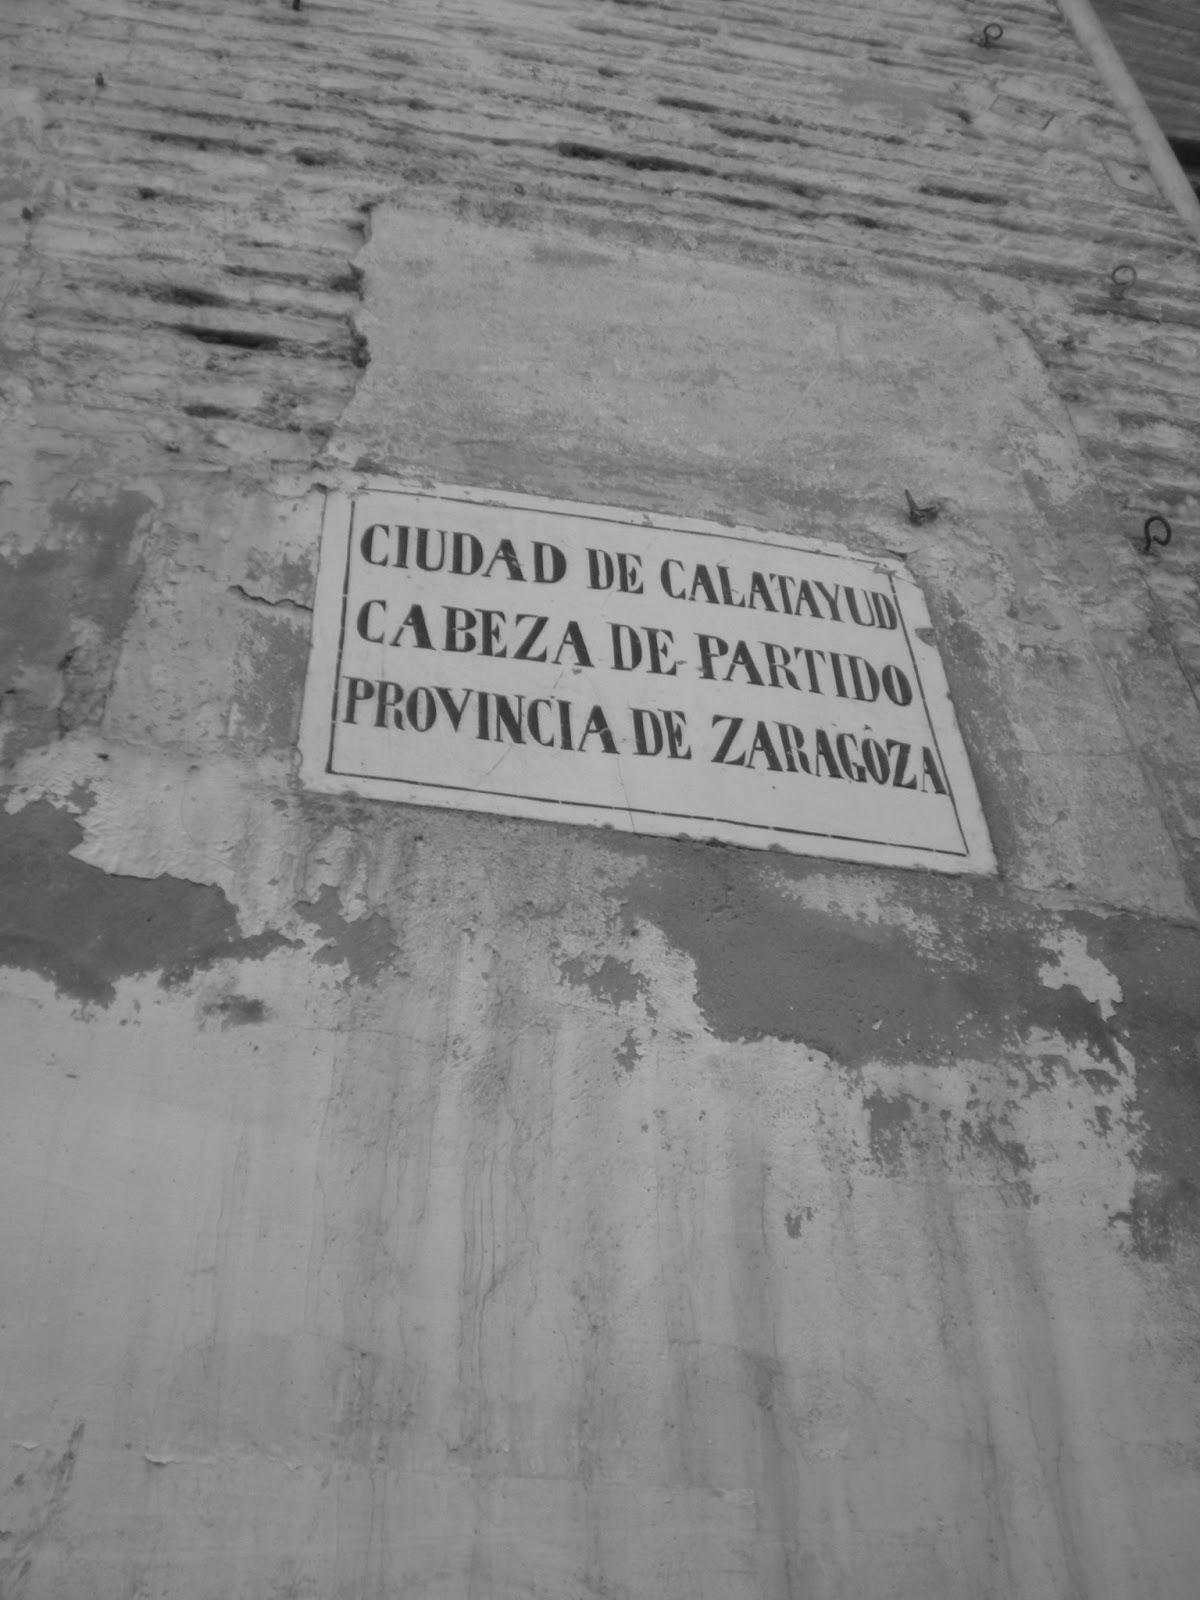 Ciudad de Calatayud cabeza de partido provincia de Zaragoza